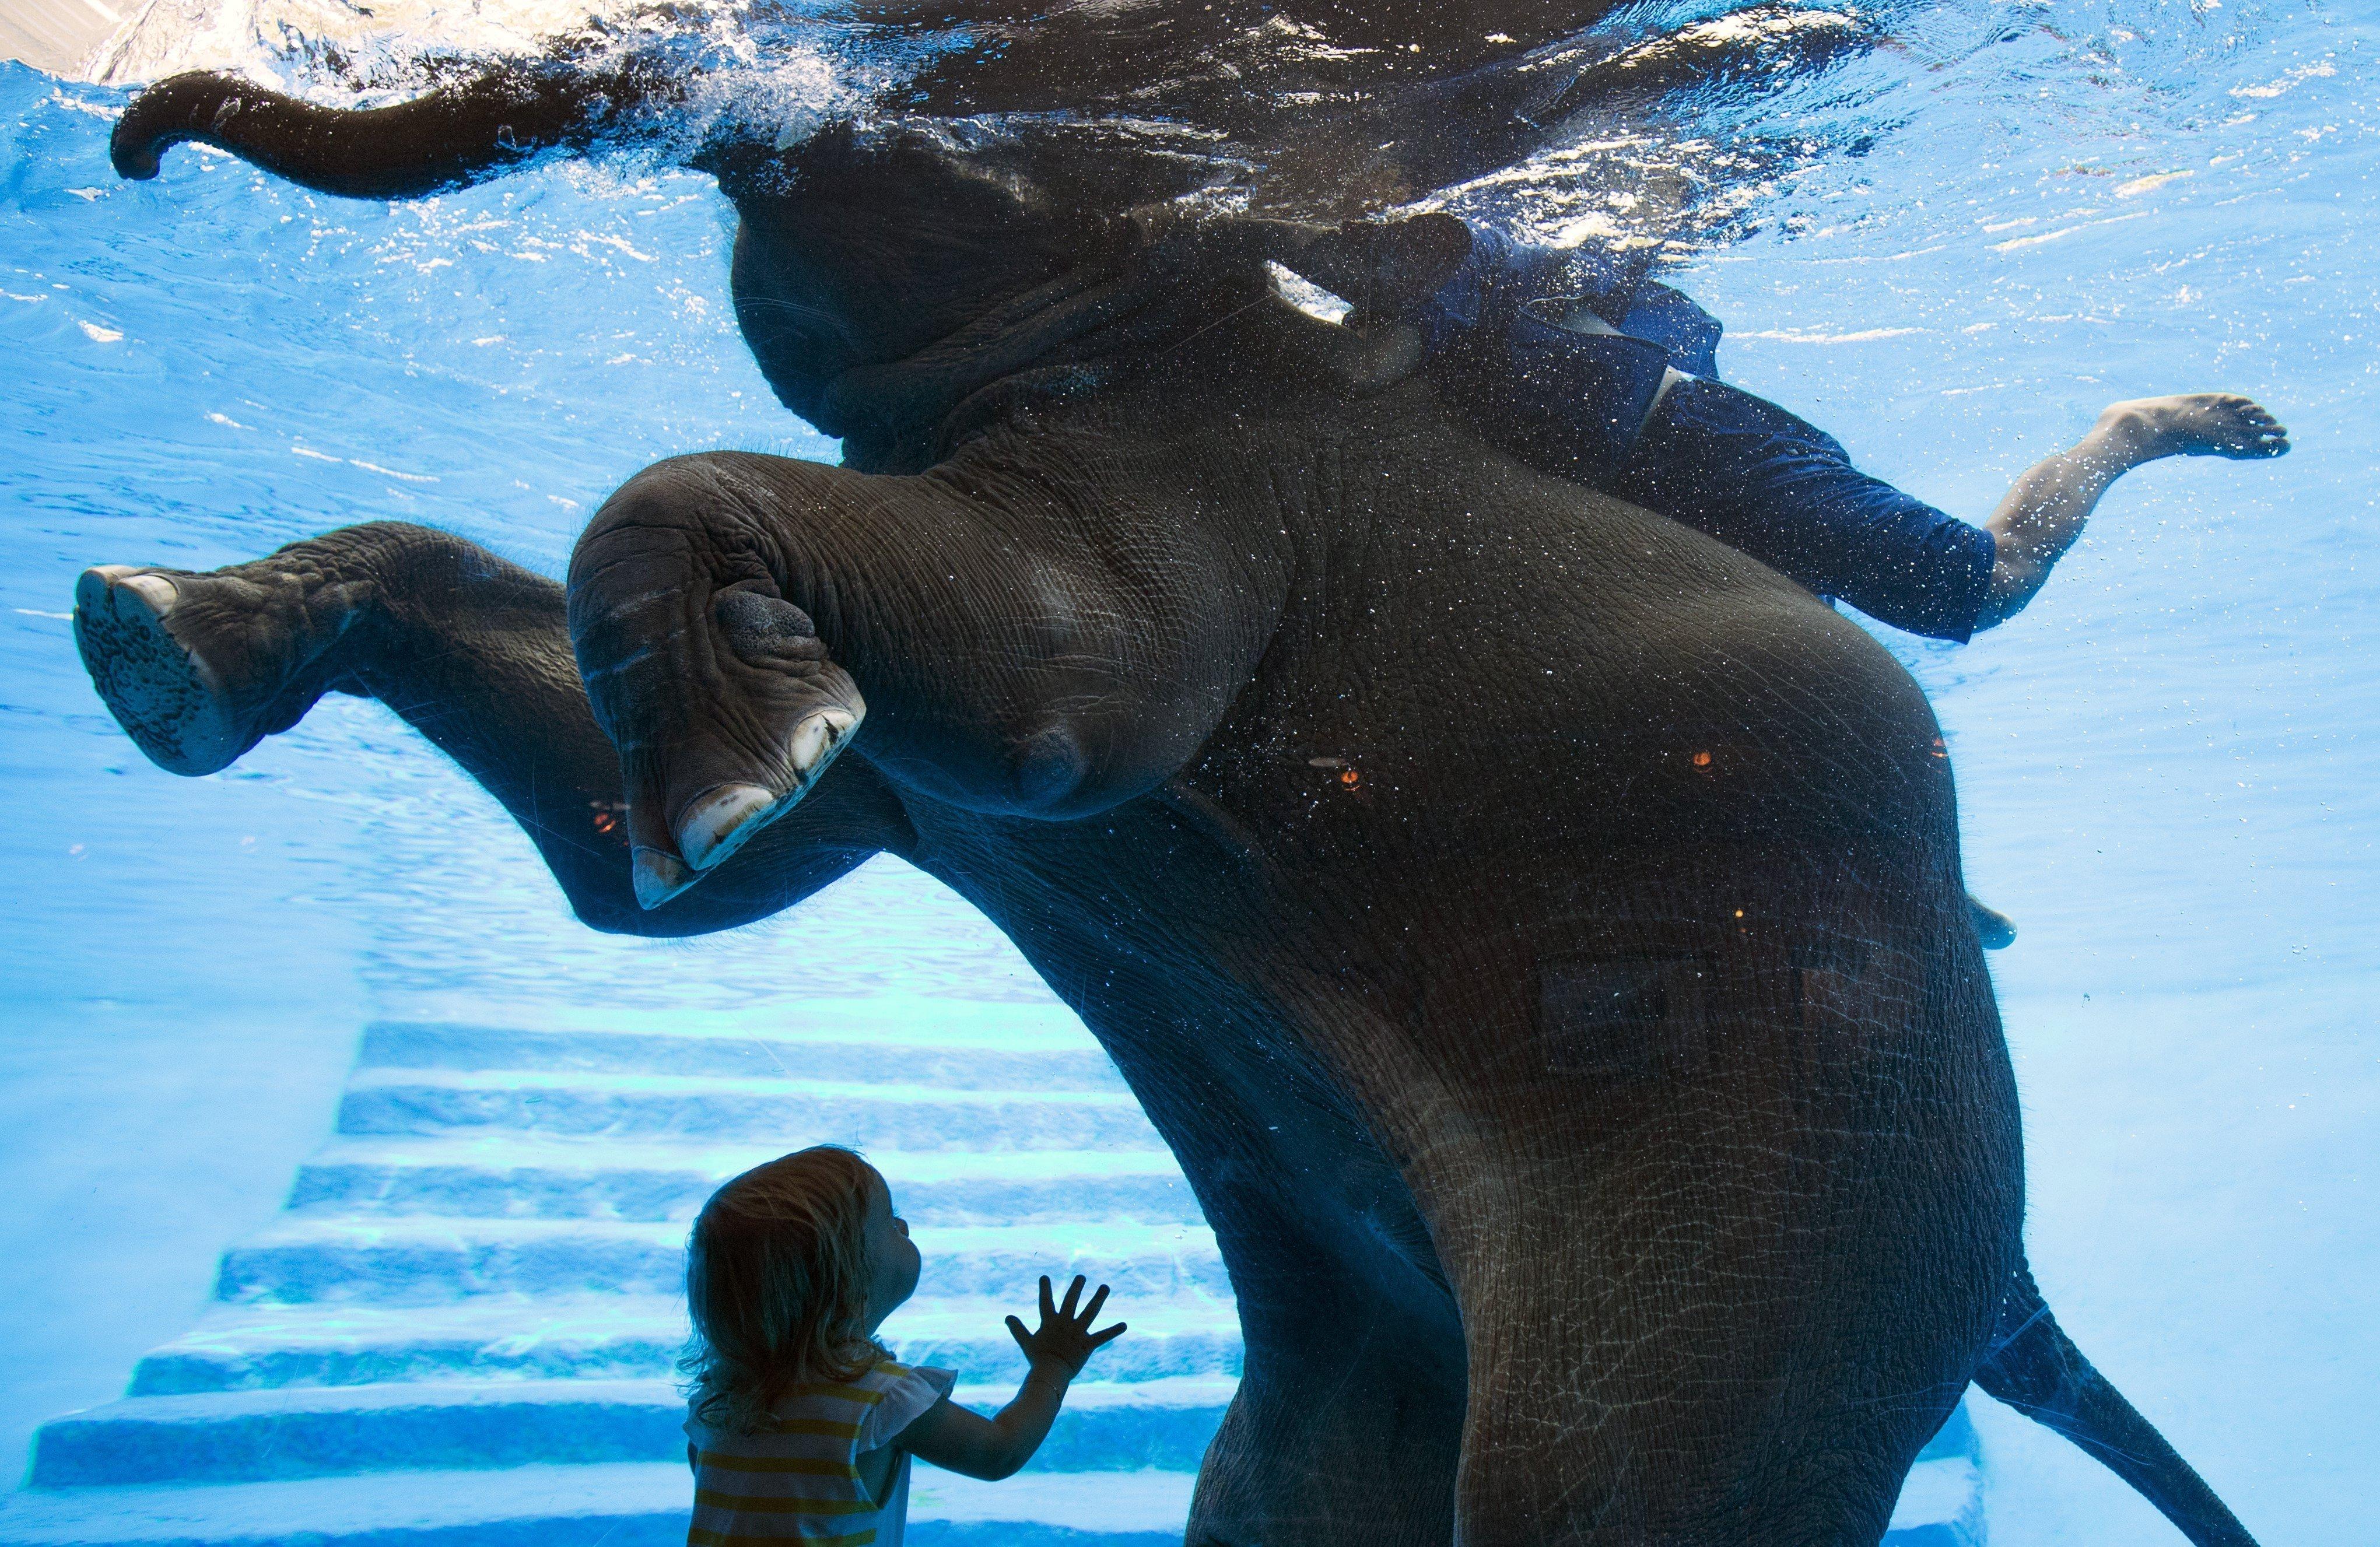 Un nen observa a l'elefanta Saen Dao mentre neda en una piscina durant un espectacle en el zoo de Khao Kheow a Chonburi, Tailàndia. /RUNGROJ YONGRIT